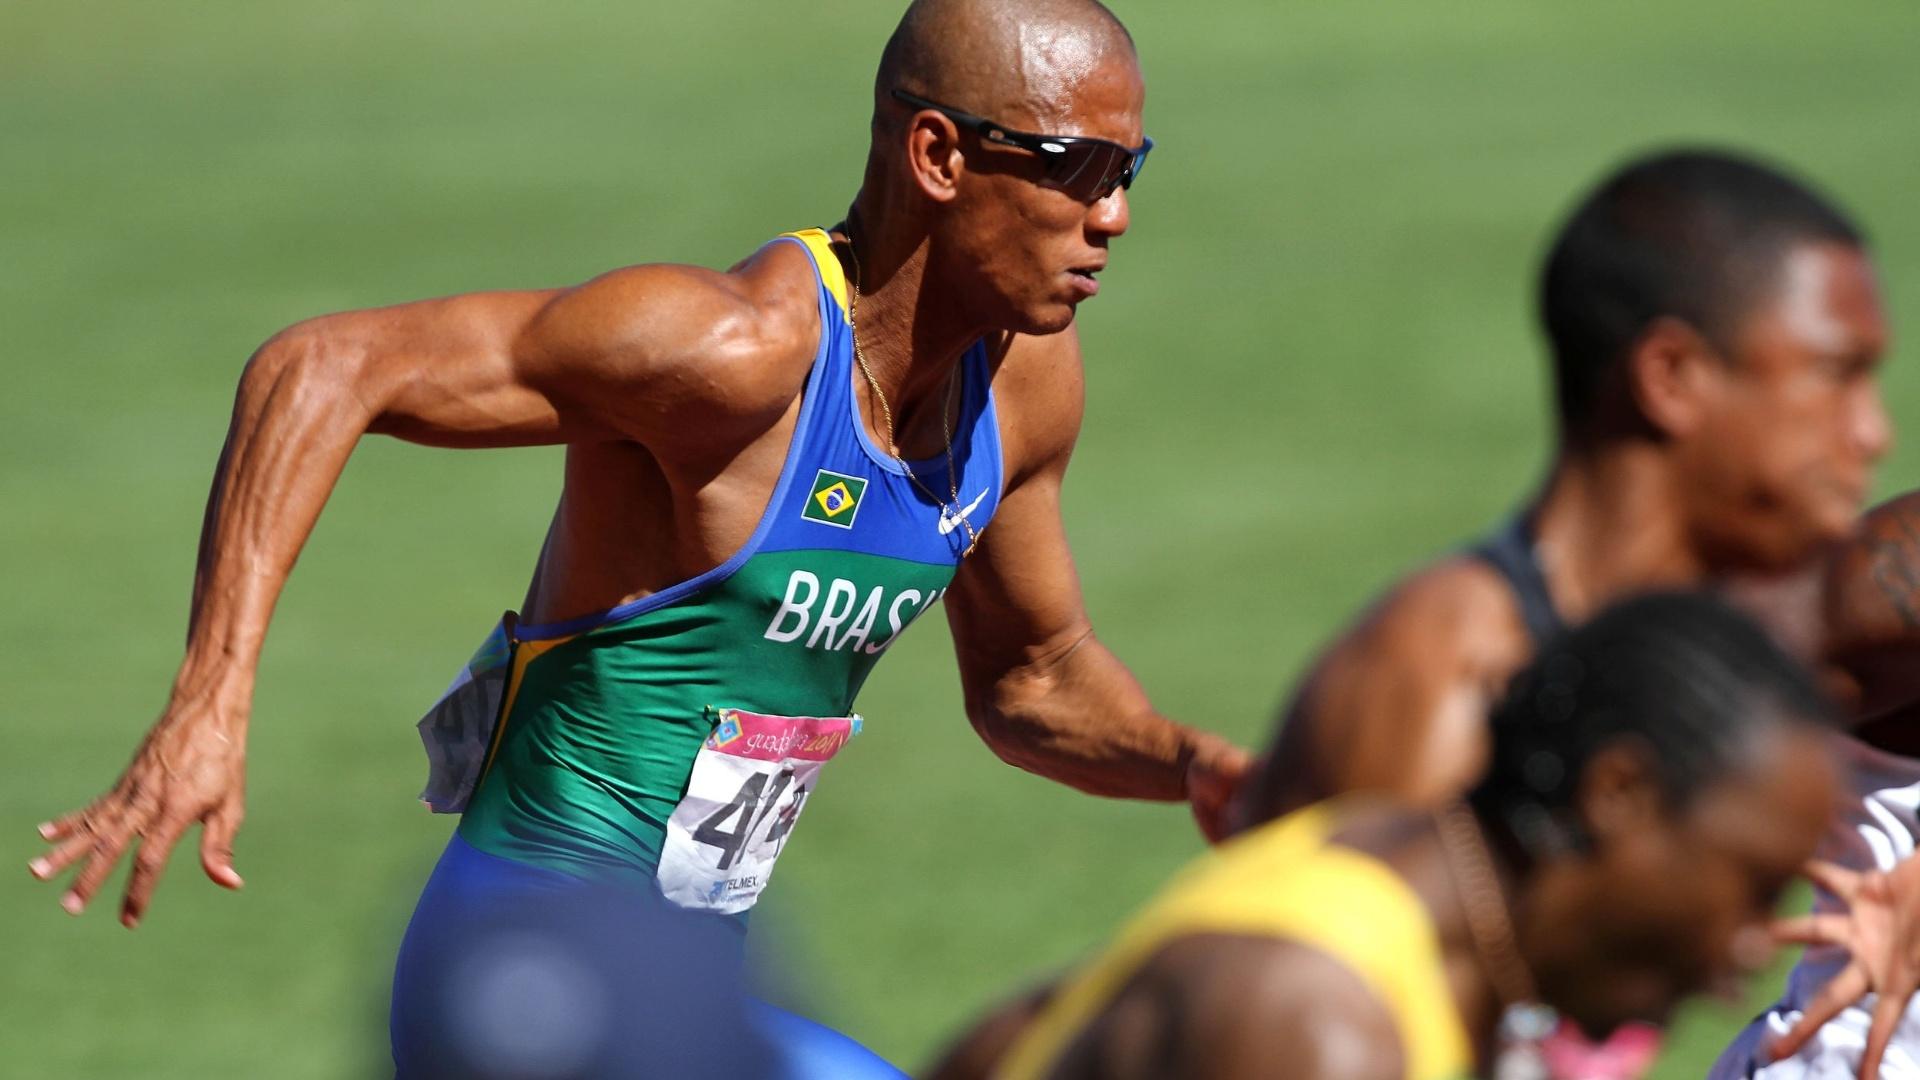 Sandro Viana larga nas eliminatórias dos 100 m rasos; ele foi quarto em sua bateria, mas avançou à semifinal do Pan